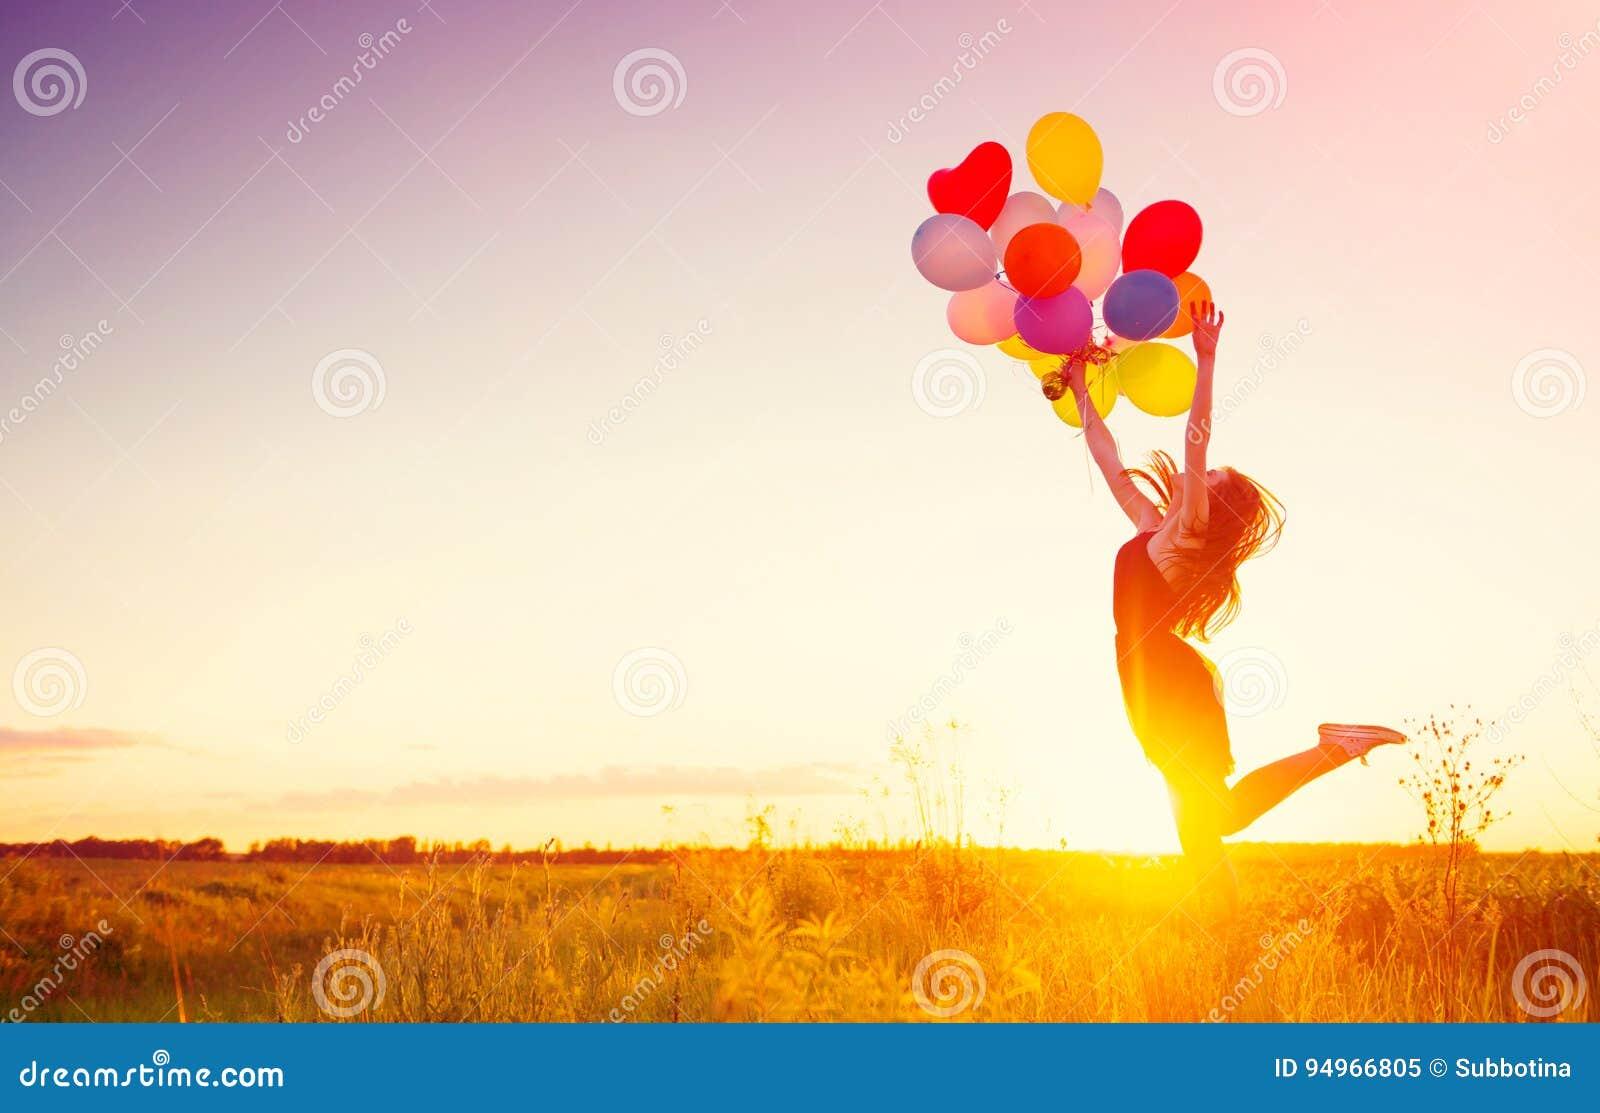 Девушка красоты с красочными воздушными шарами над небом захода солнца